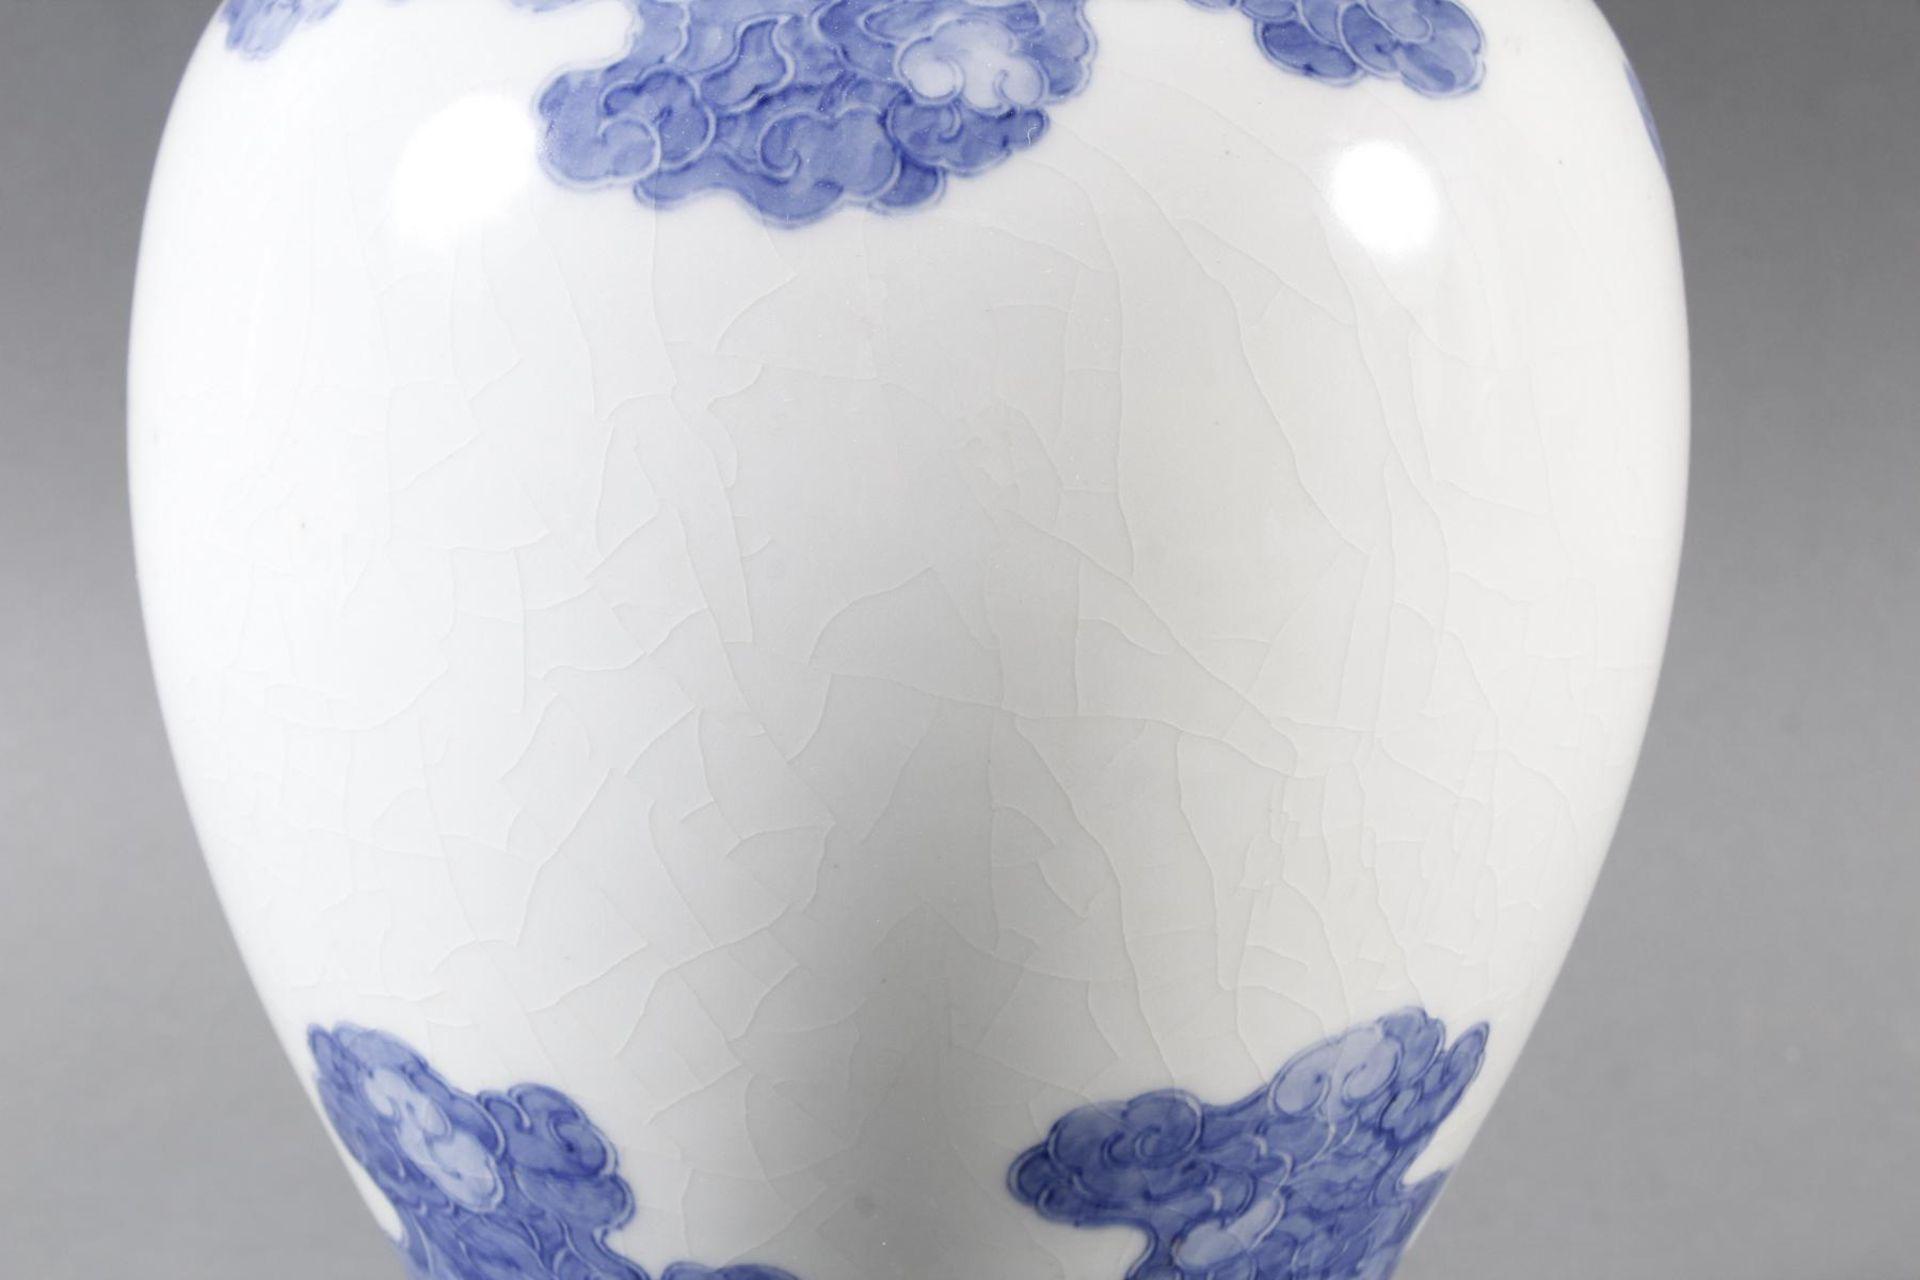 Porzellanvase mit feiner Blauweiß-Bemalung, Fliegender Drache in den Wolken - Bild 2 aus 6